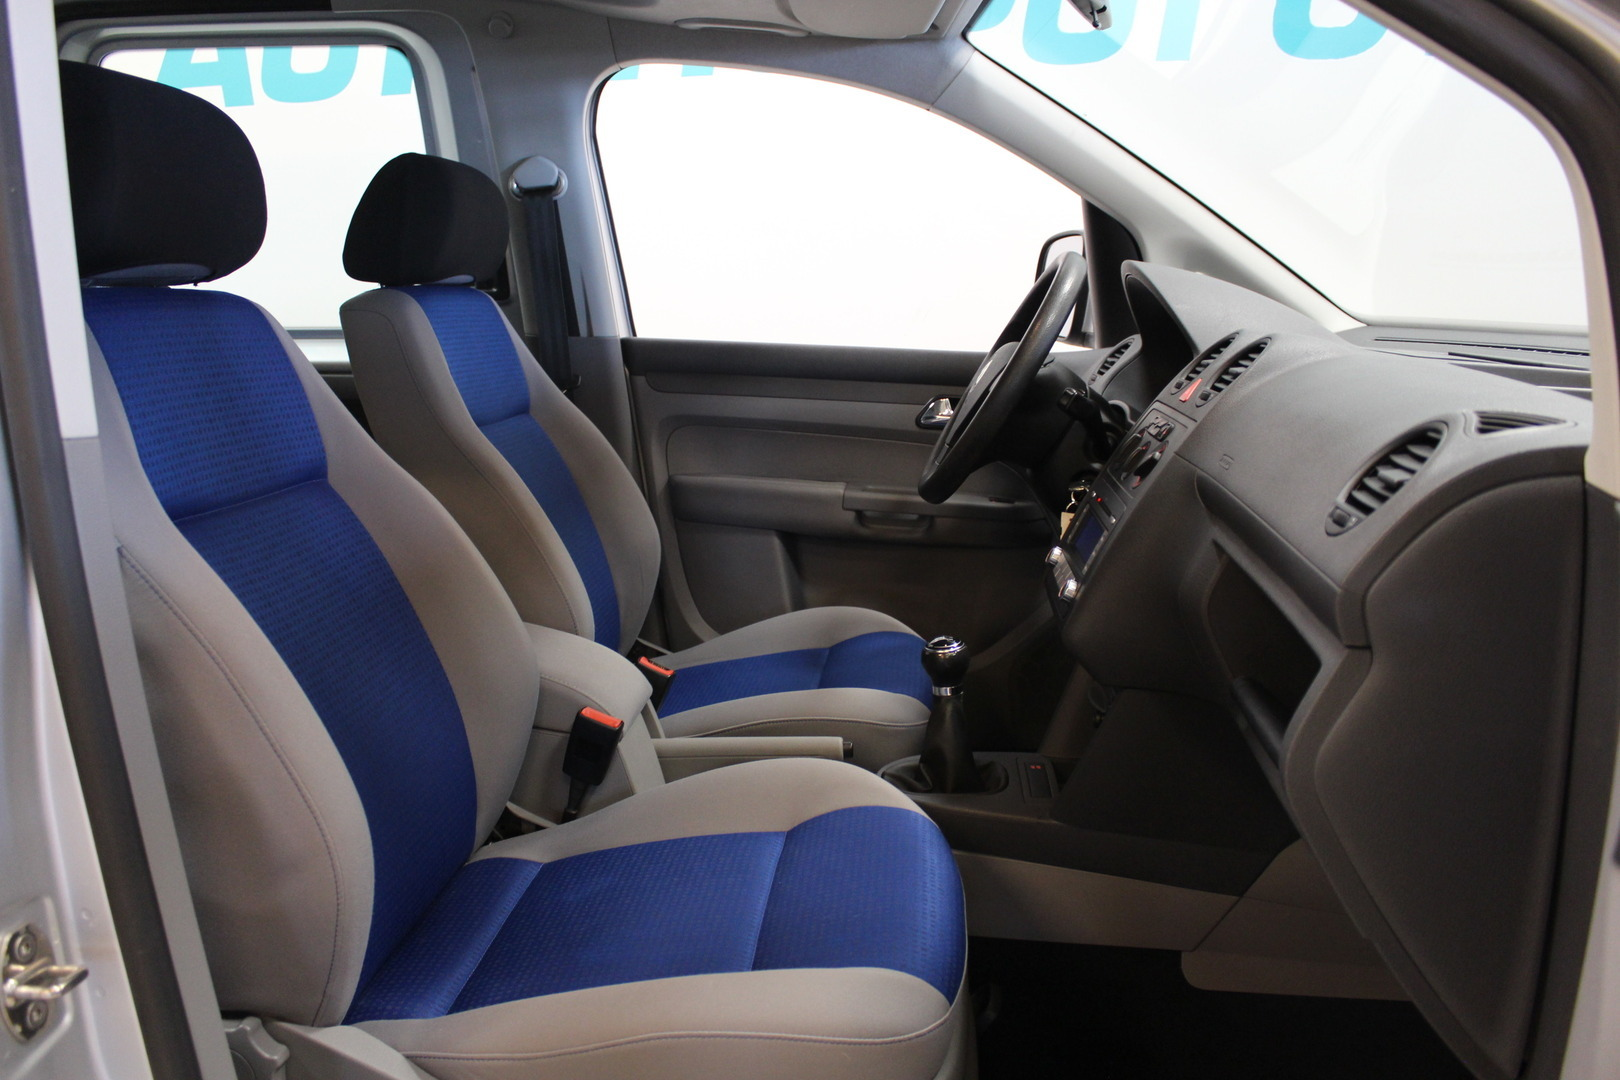 Volkswagen Caddy, 1,9 TDI Life 4Motion **Juuri tullut** #Merkkiliikkeen huoltohistoria #Webasto